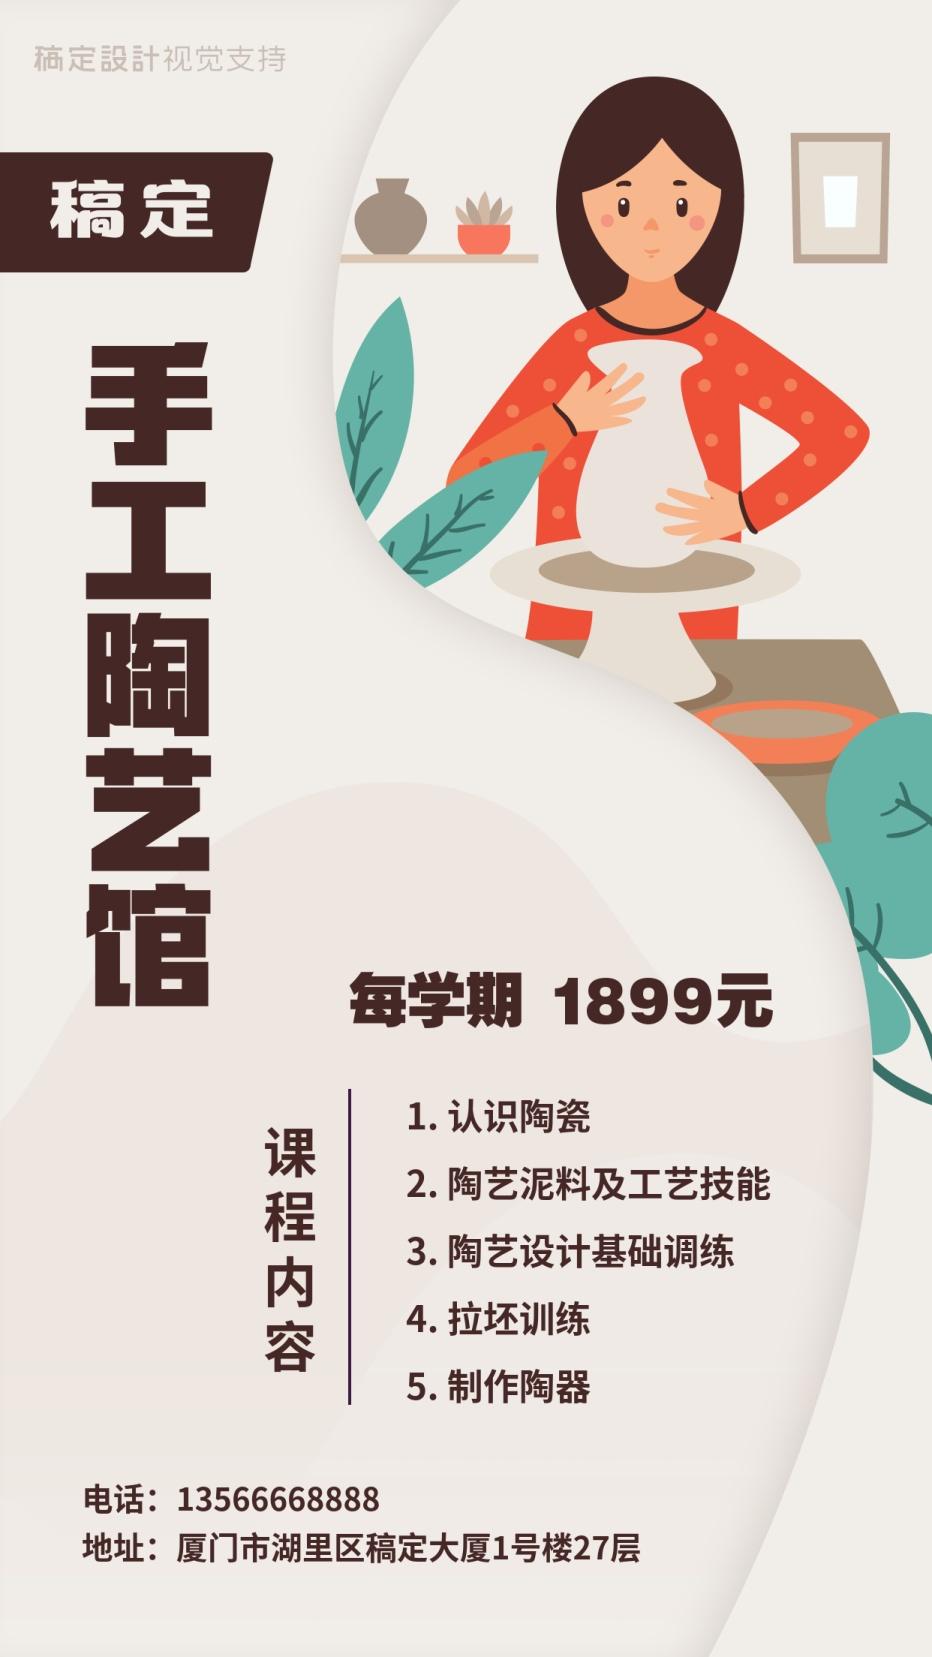 艺术兴趣手工陶艺馆促销海报